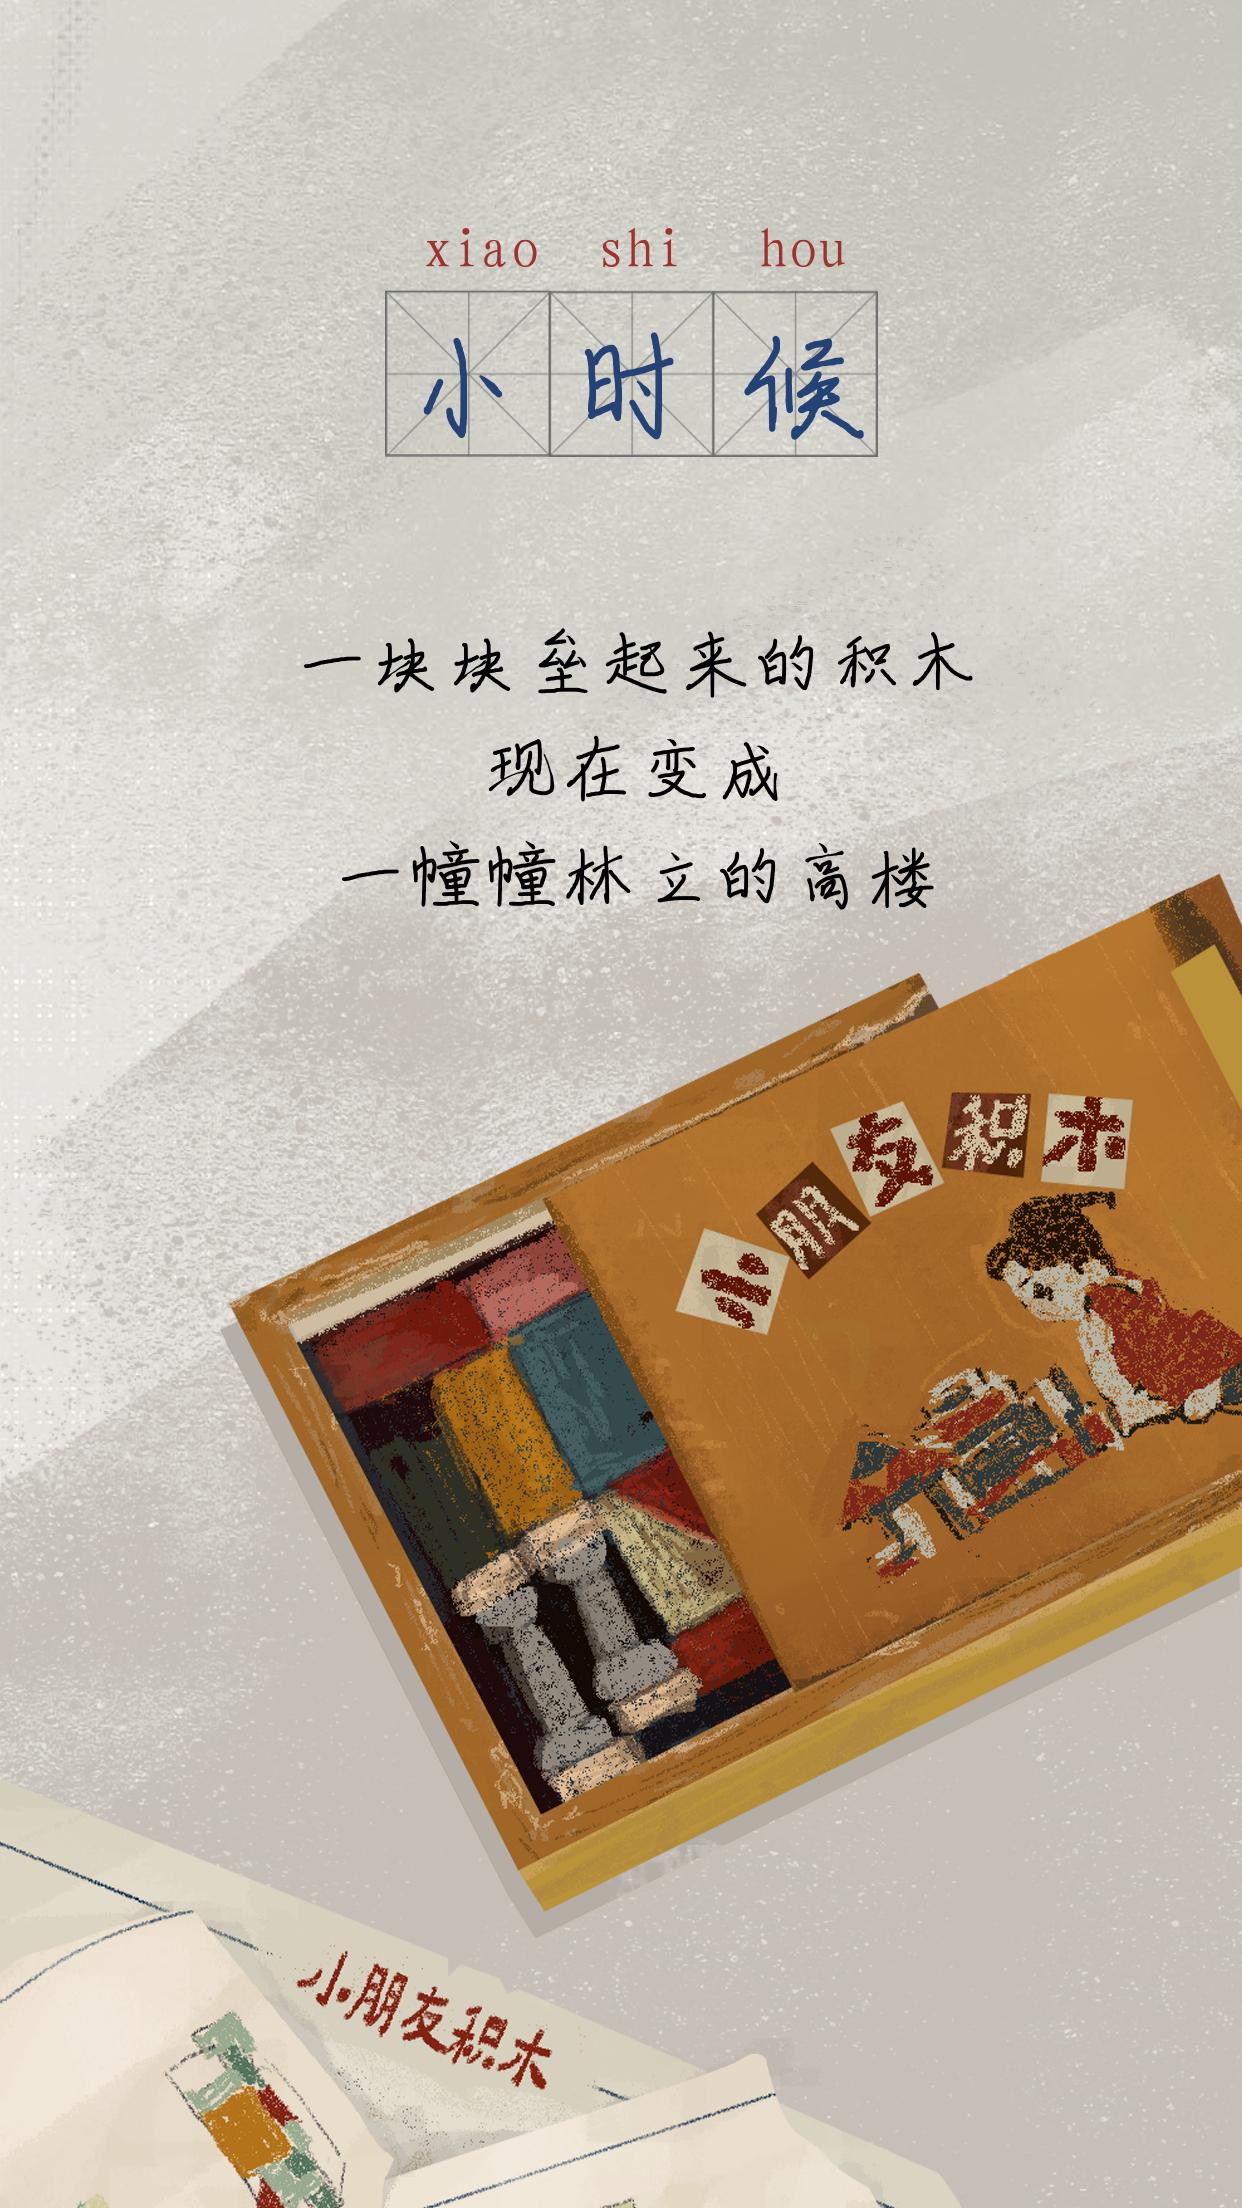 积木游戏创意六一儿童节节日祝福海报